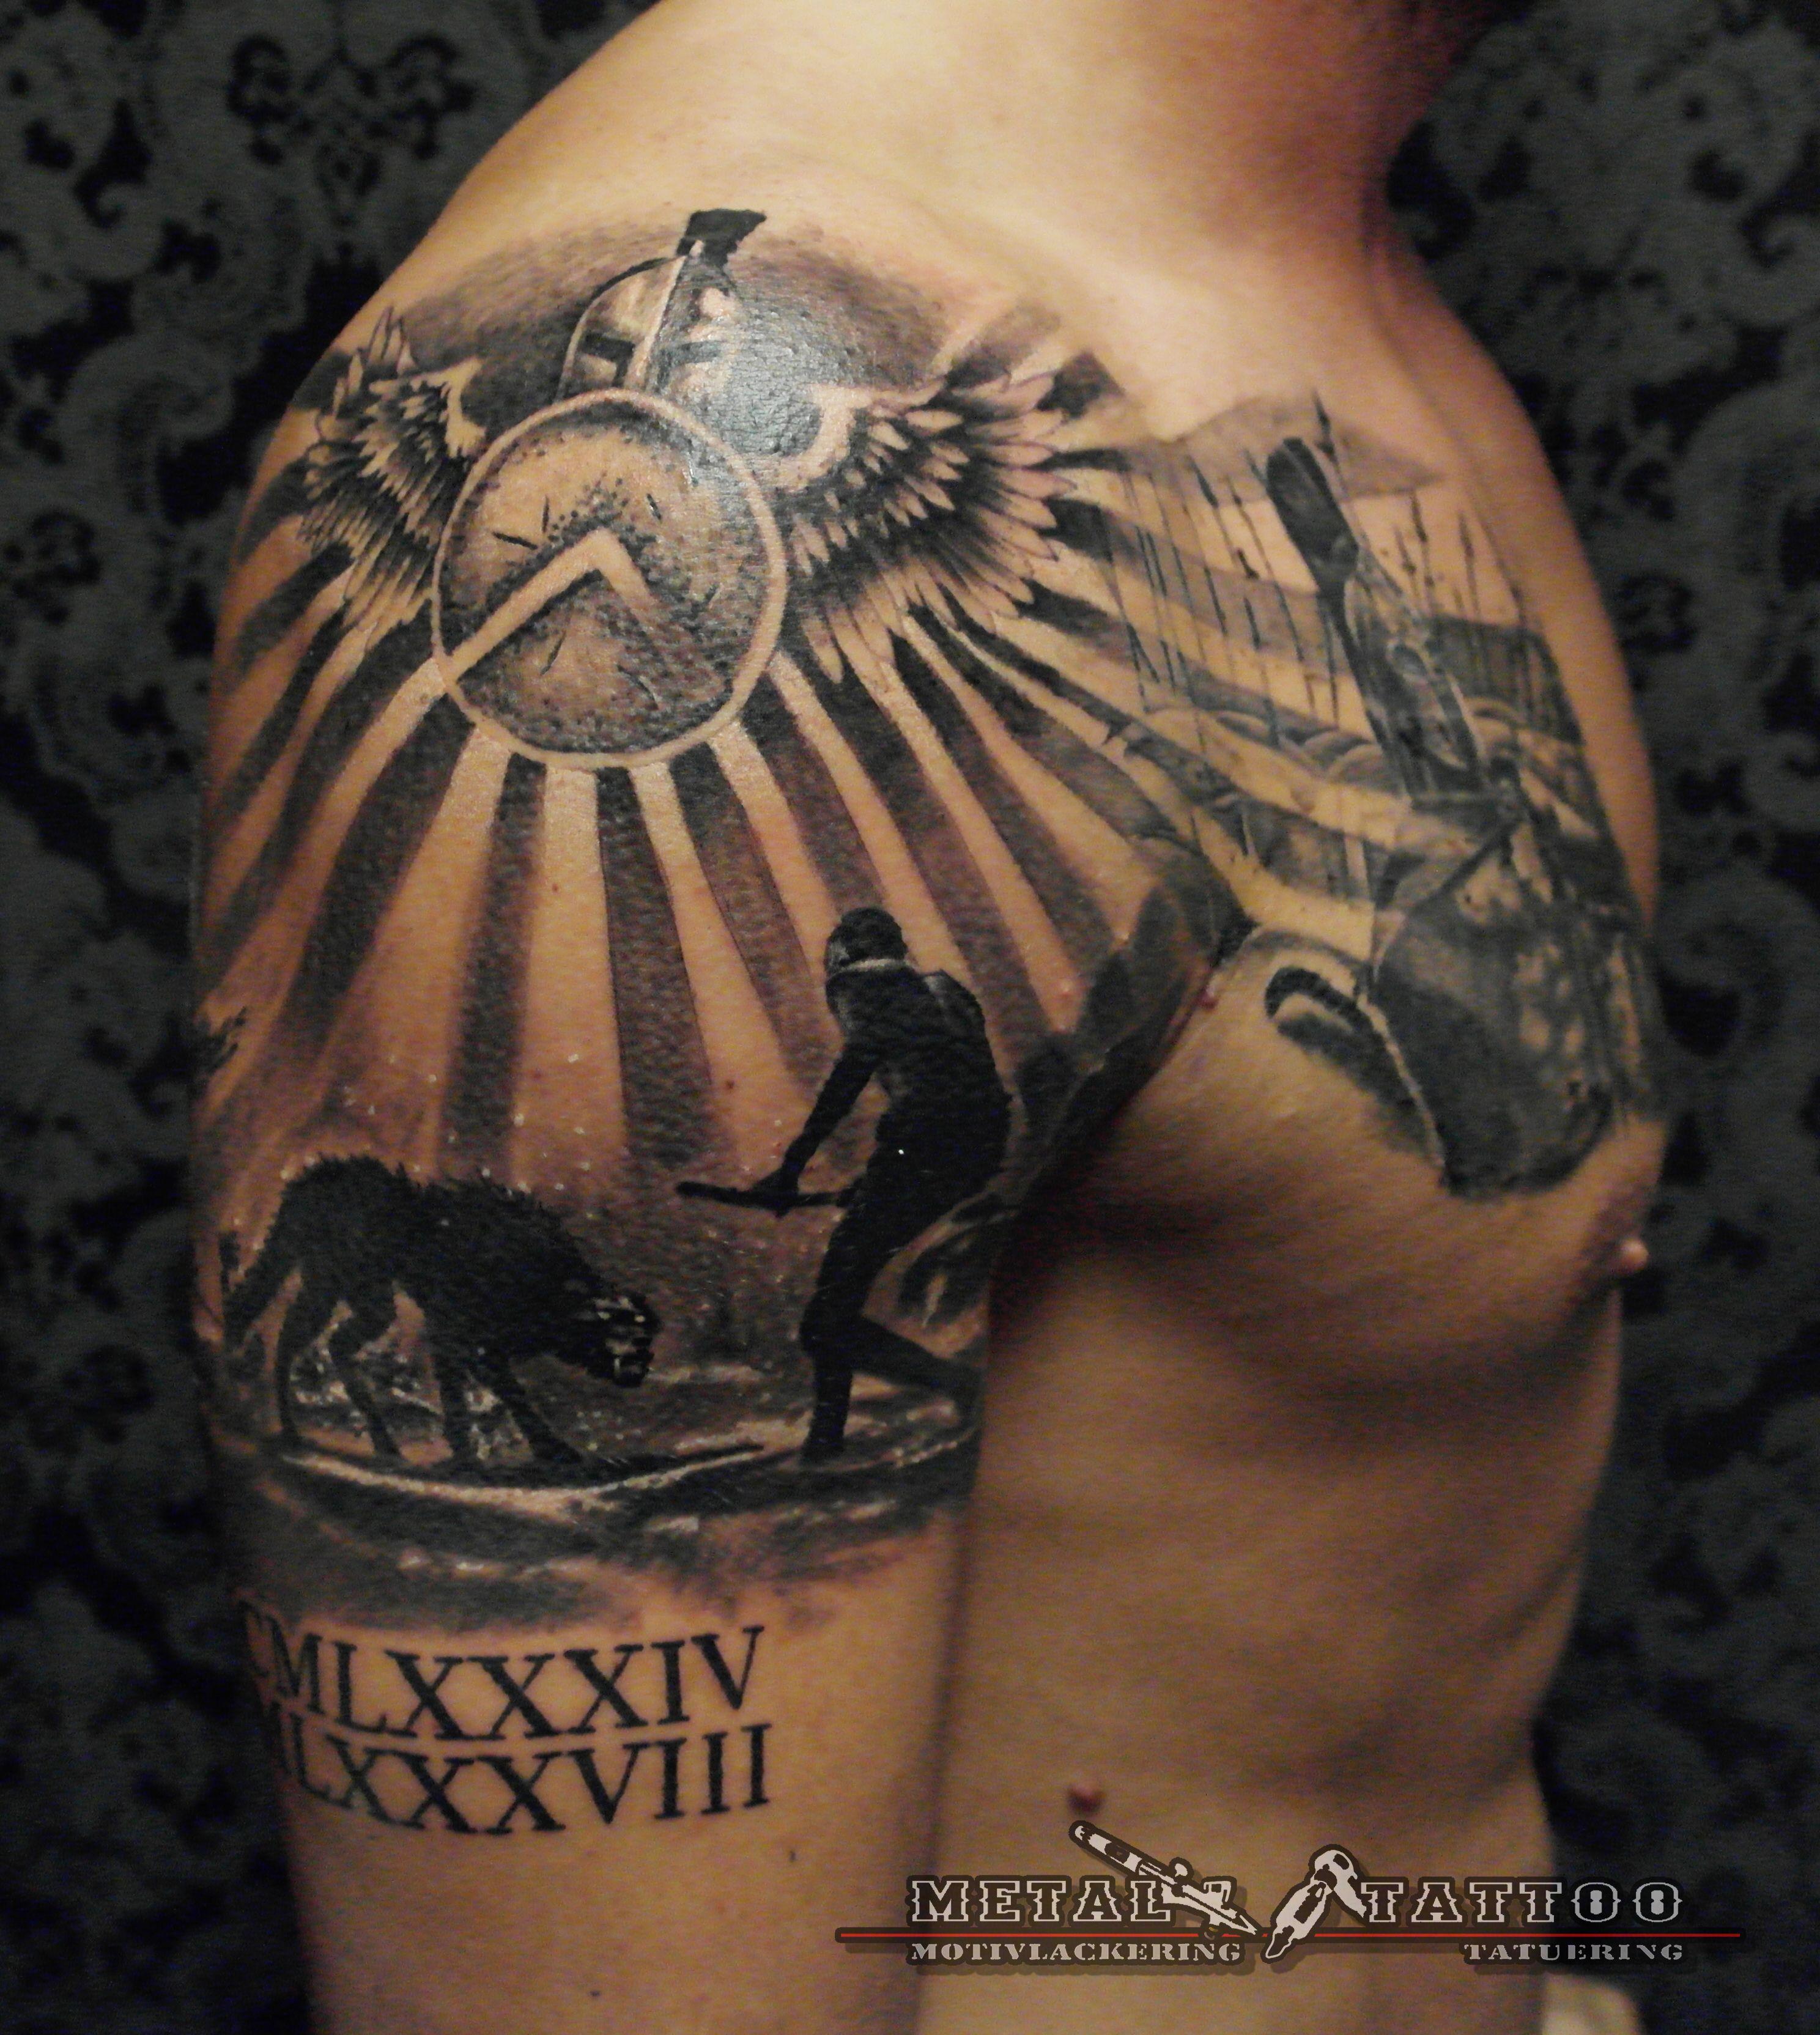 When Did The Spqr Tattoos Originate: Gladiator Tattoo, Spqr Tattoo